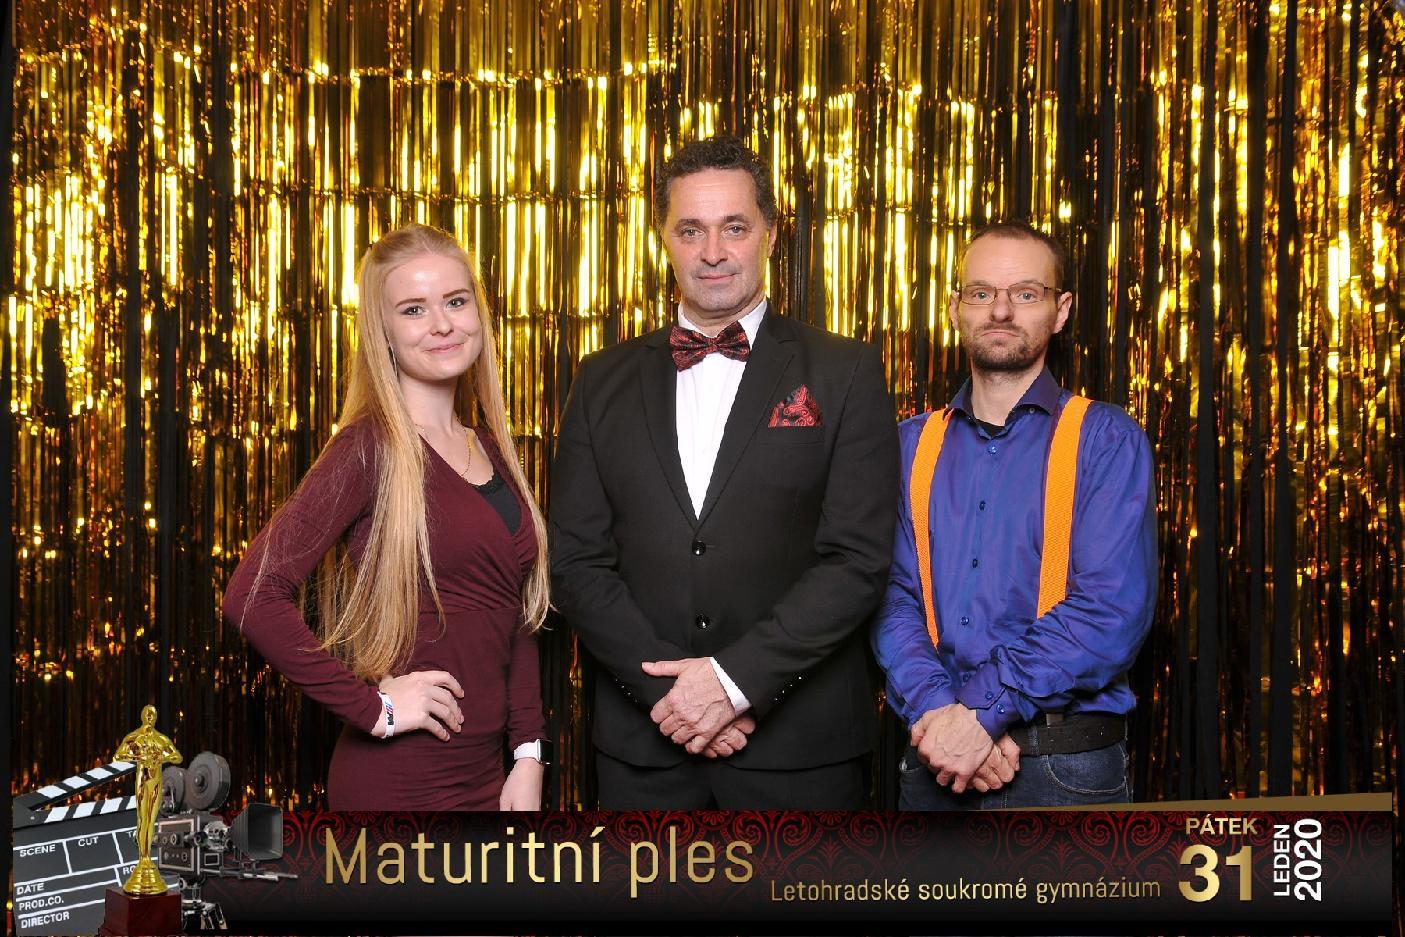 Martin Dejdar přistižen ve fotokoutku na plese